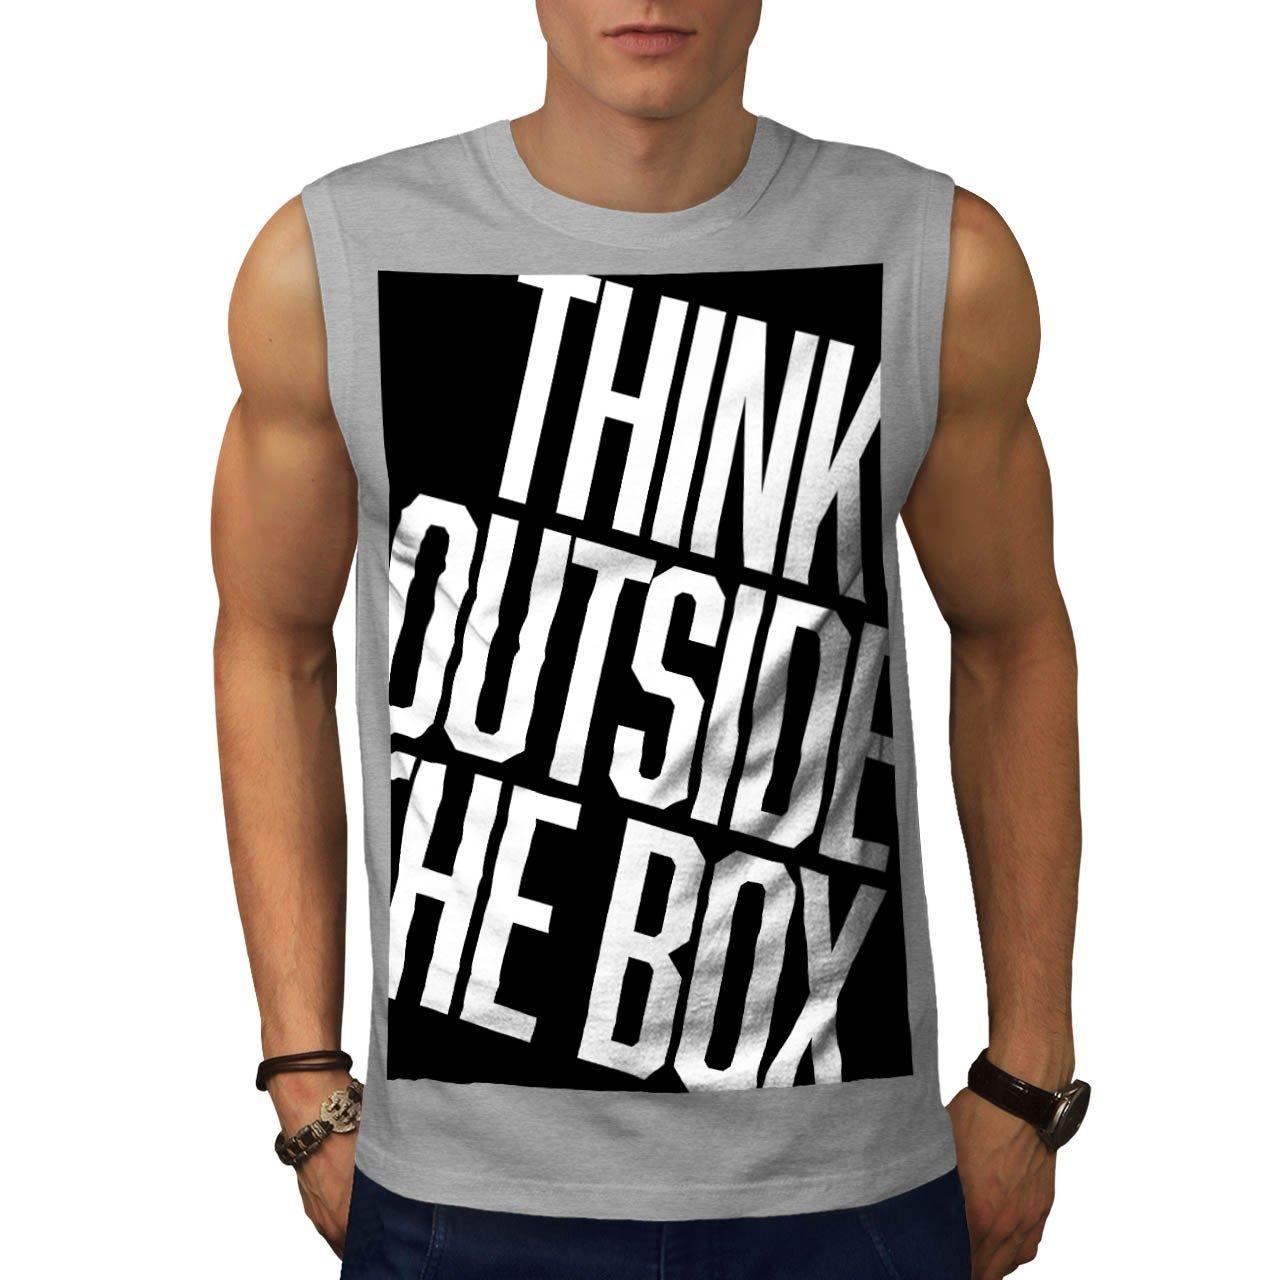 Amazon MX: Camiseta sin mangas (vendido y enviado por un tercero desde UK)